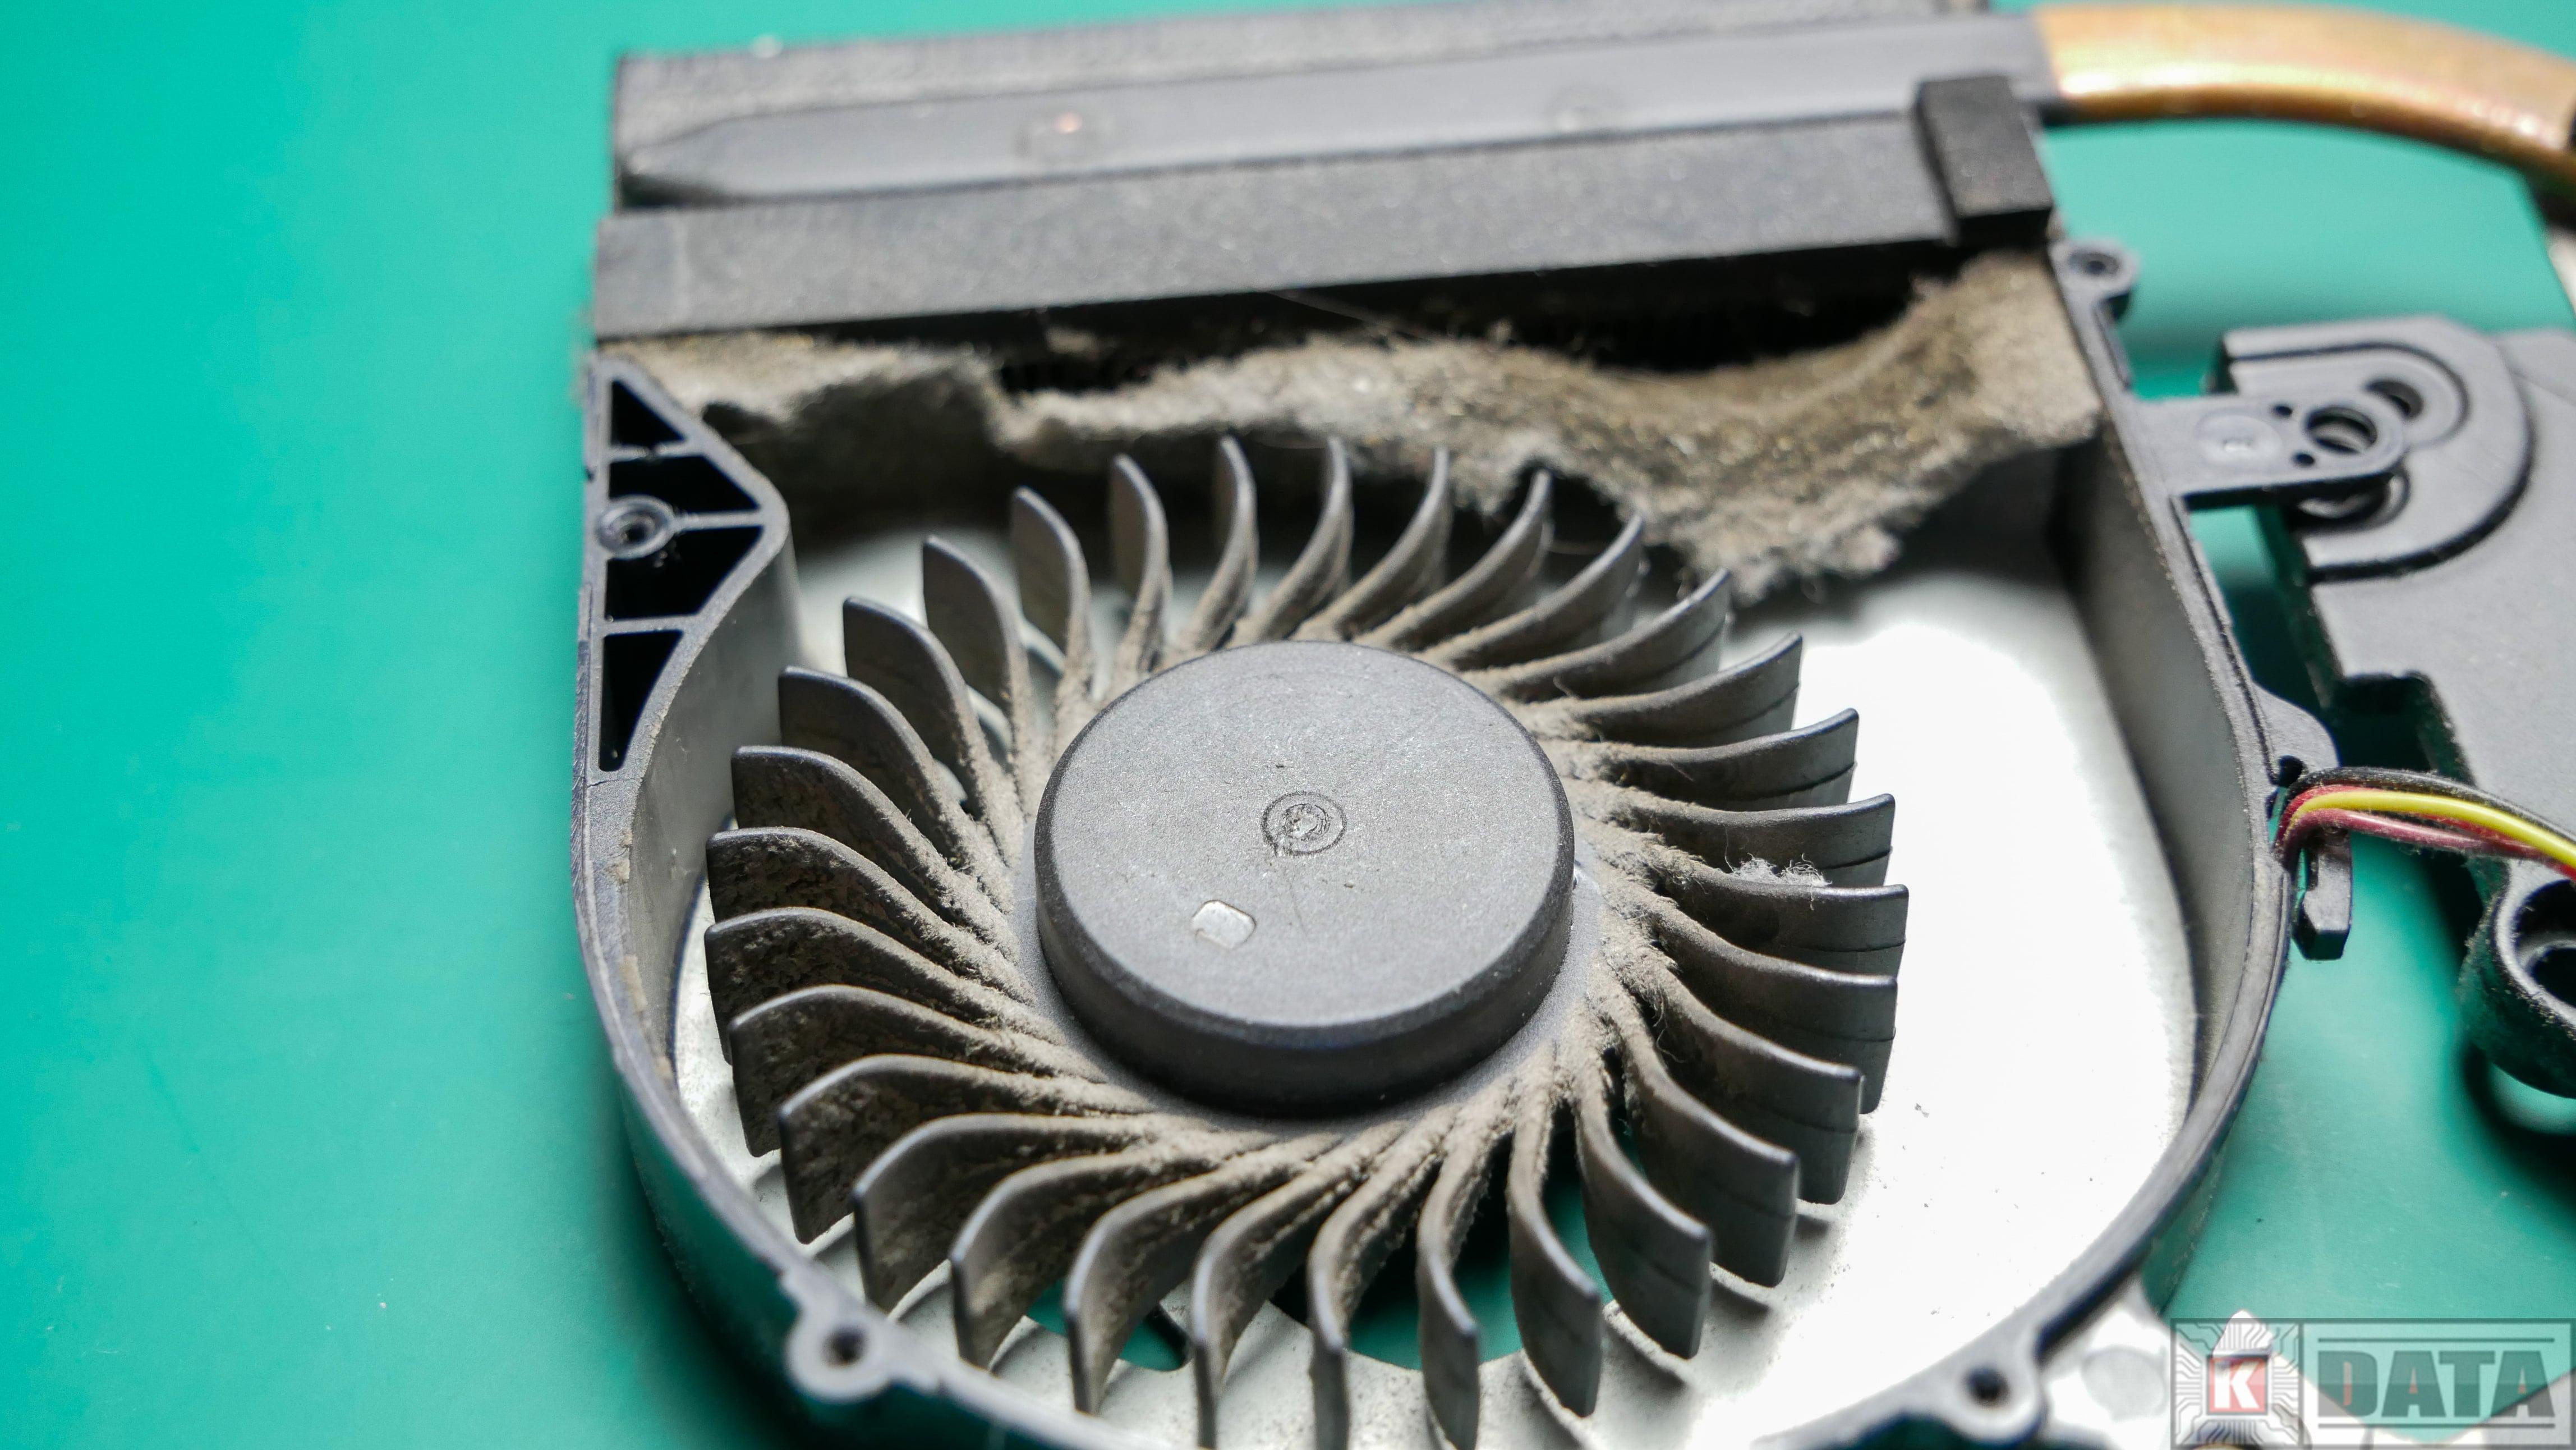 Lenovo Ideapad G500 brudny układ chłodzenia